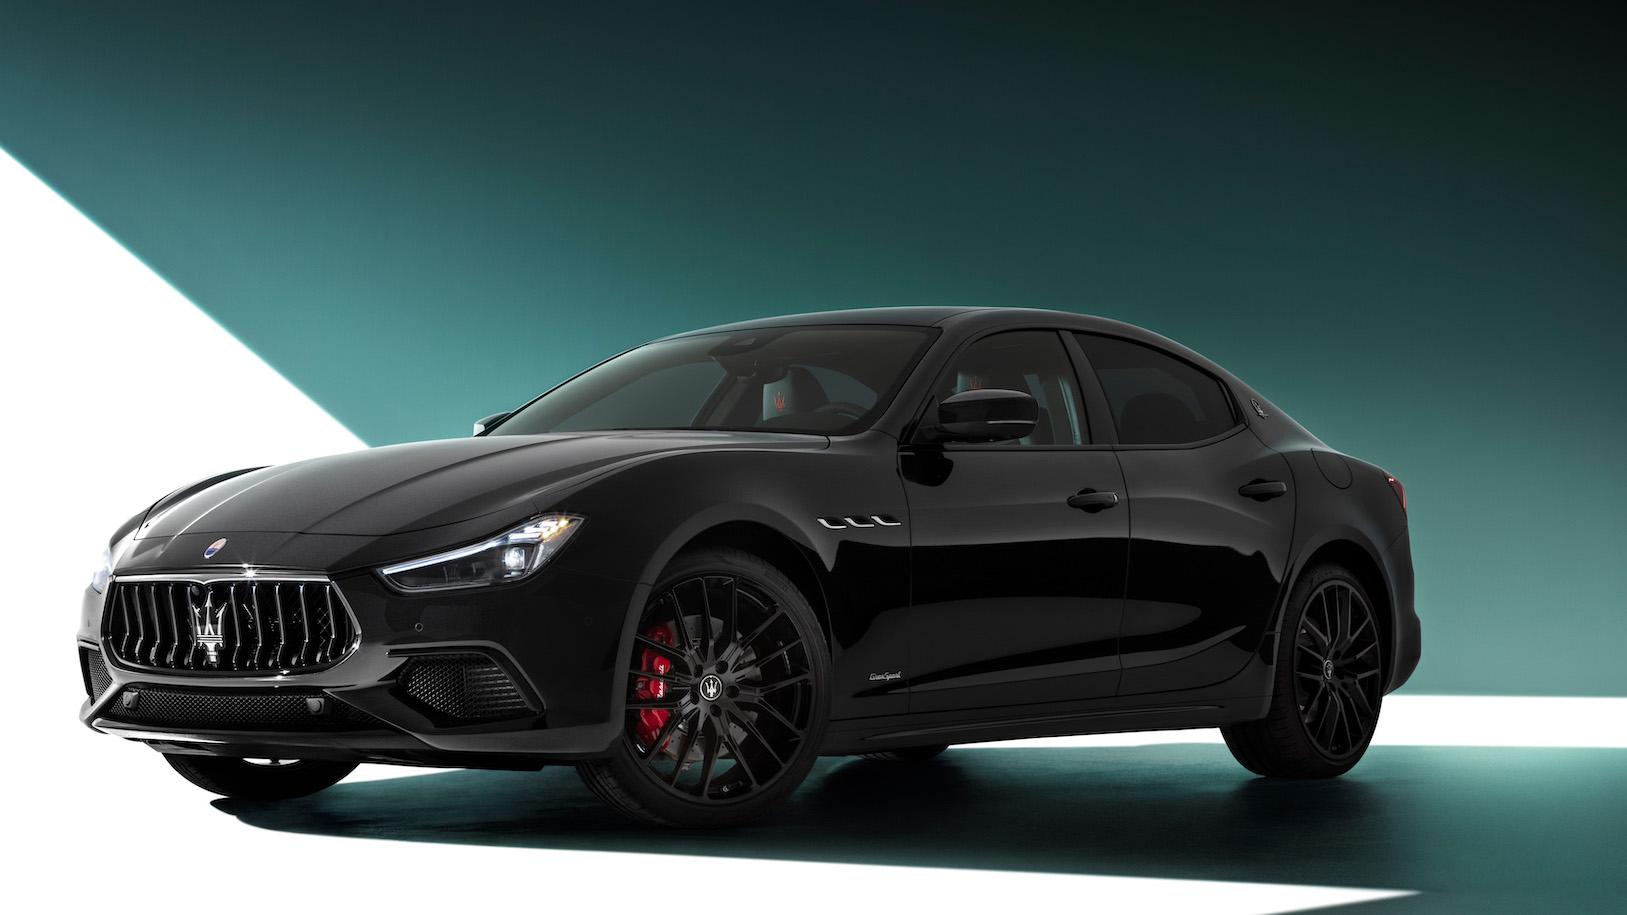 小改款 Maserati Ghibli、Quattroporte 科技升級 378 萬起正式抵台